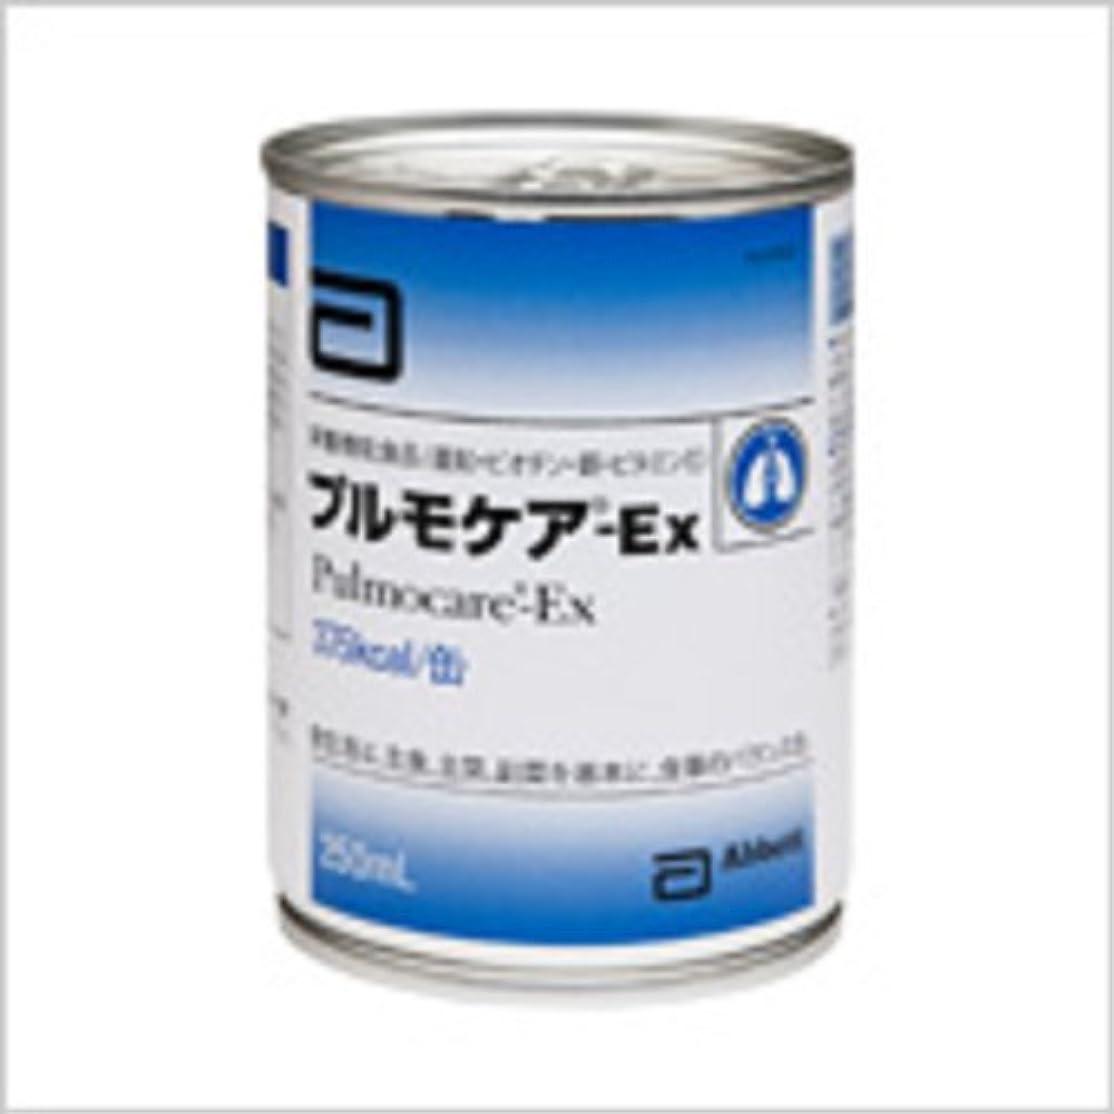 壊滅的な使い込むヘクタールプルモケア-EX 250ml×24缶